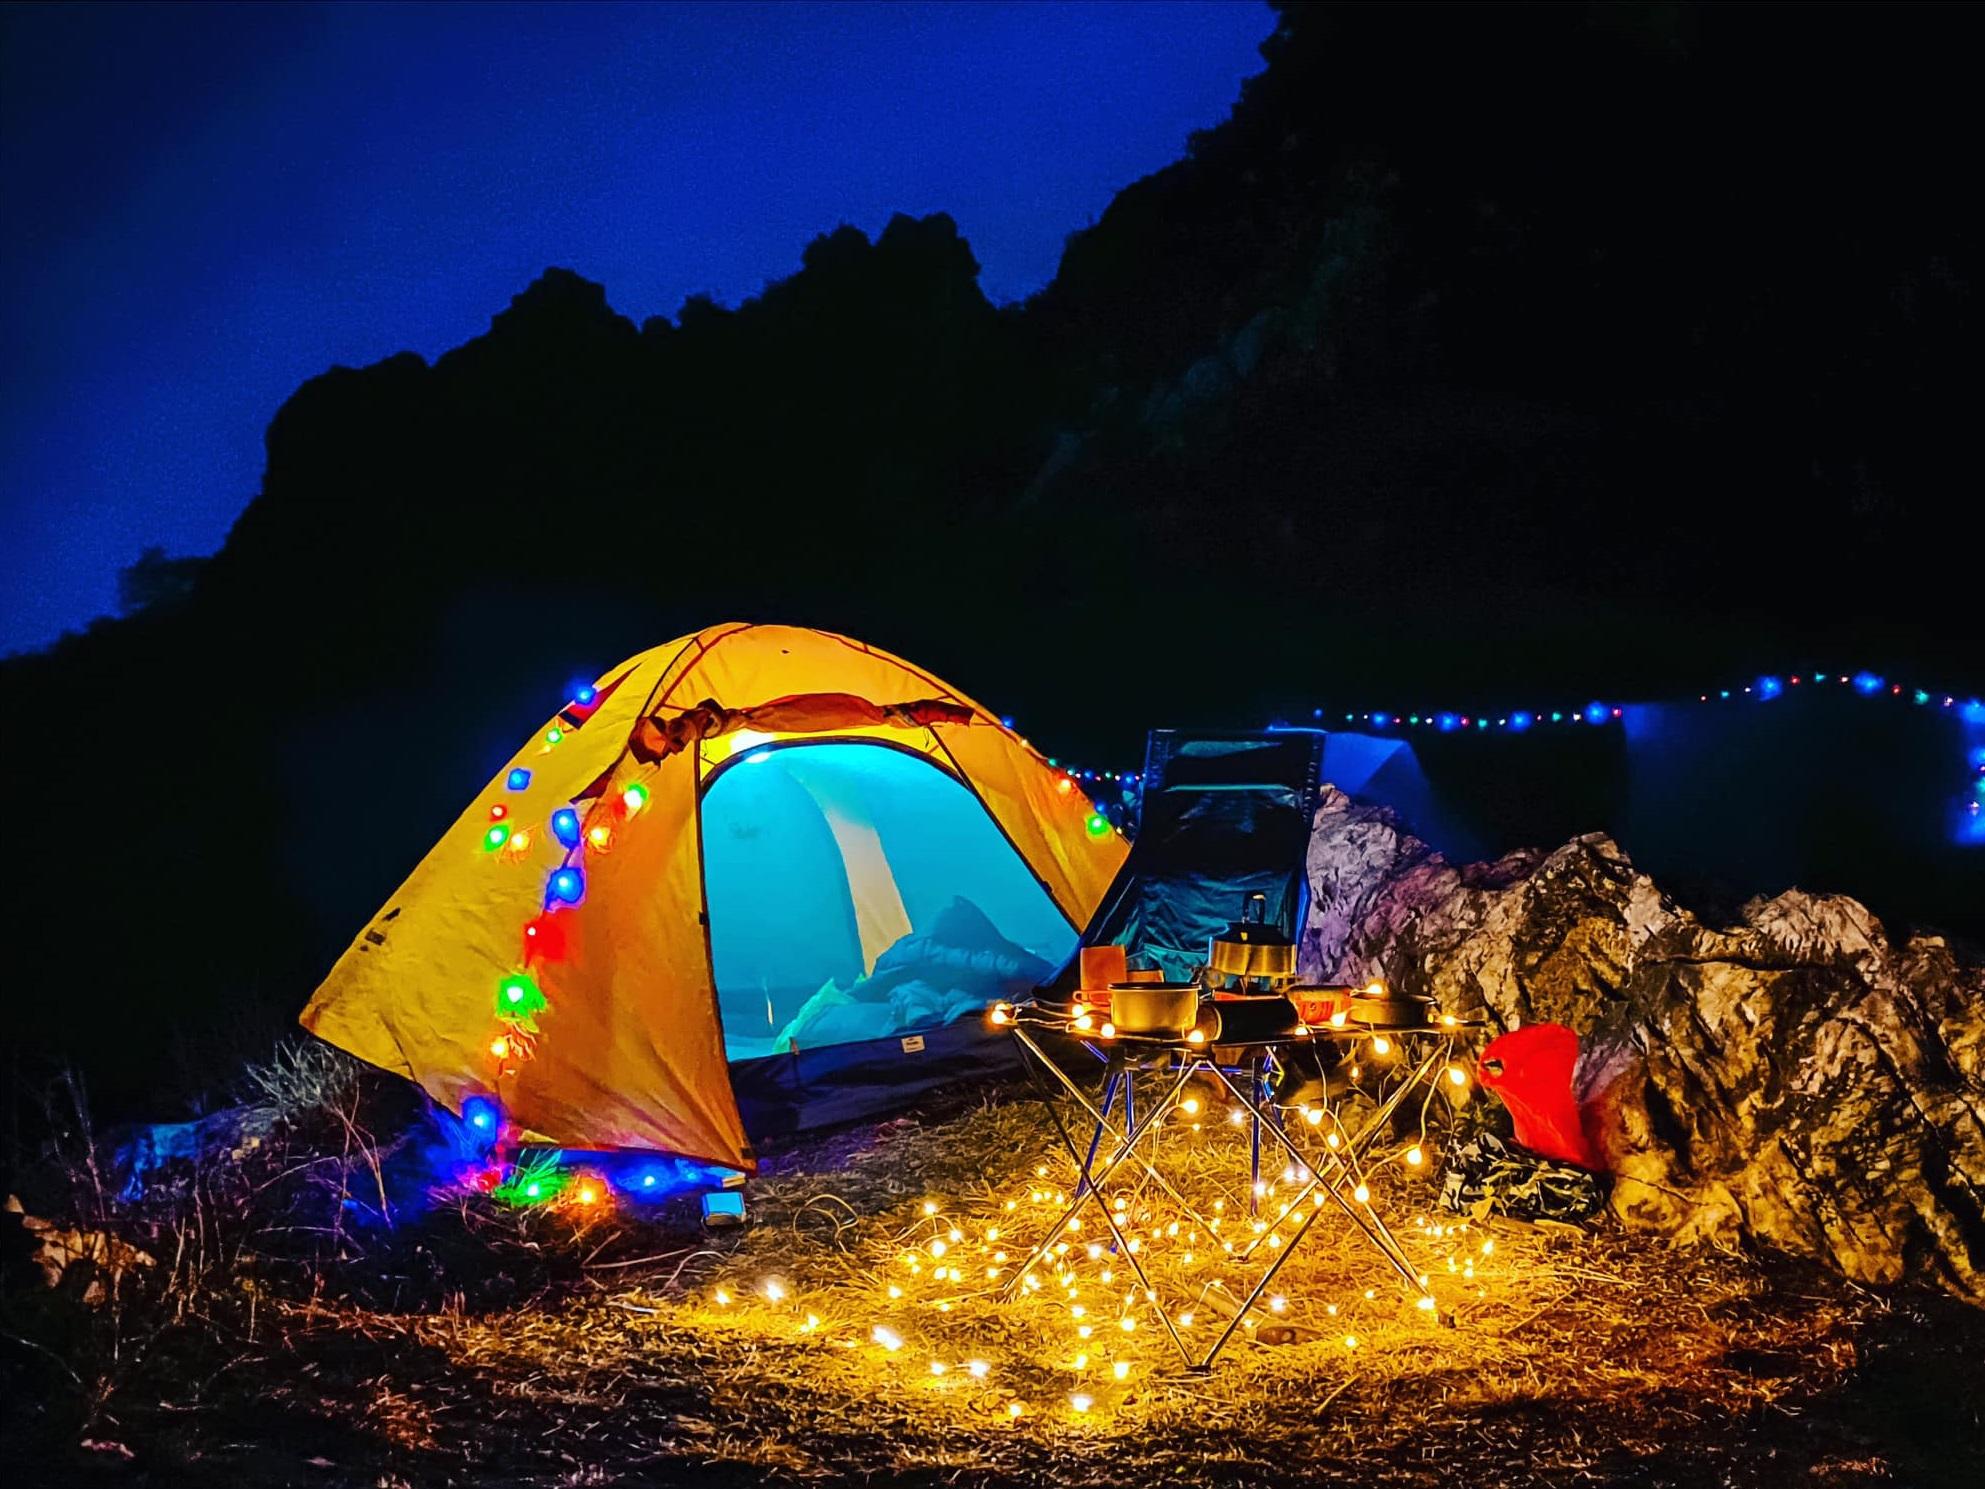 Đây cũng là một địa điểm cắm trại siêu xịn cho team du lịch bụi nha. Hình: Sưu tầm